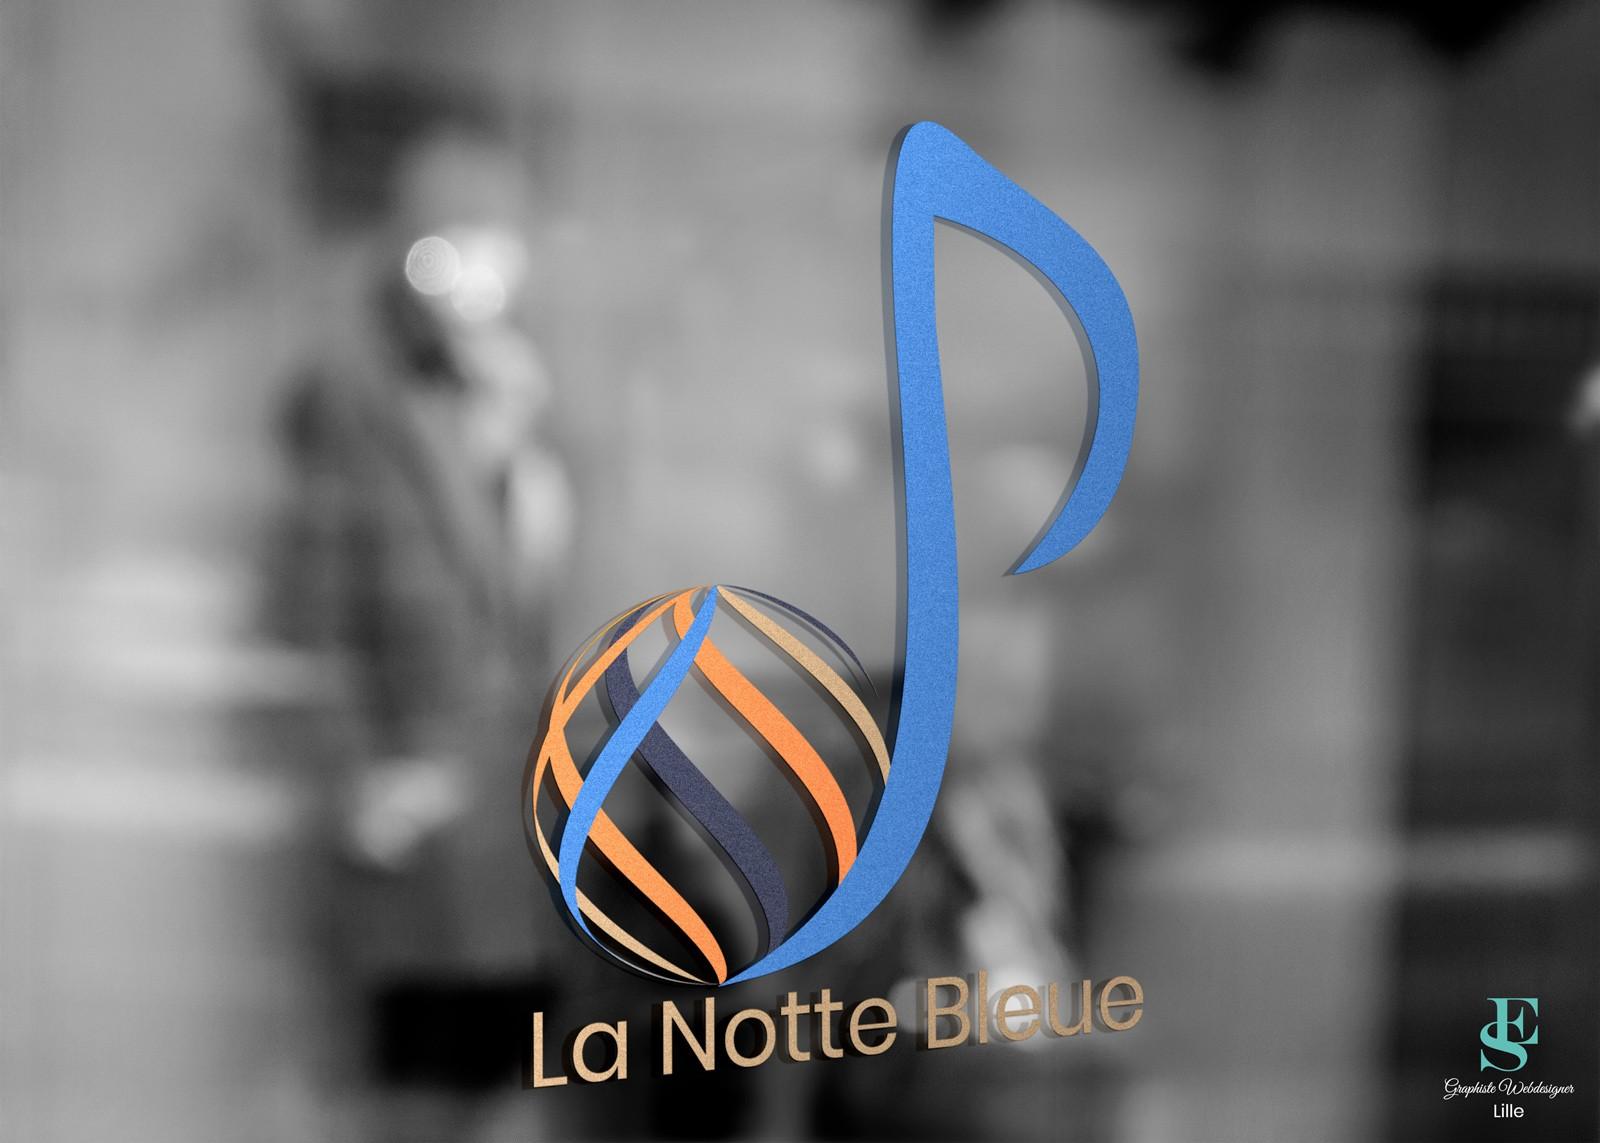 Logo La Notte Bleue